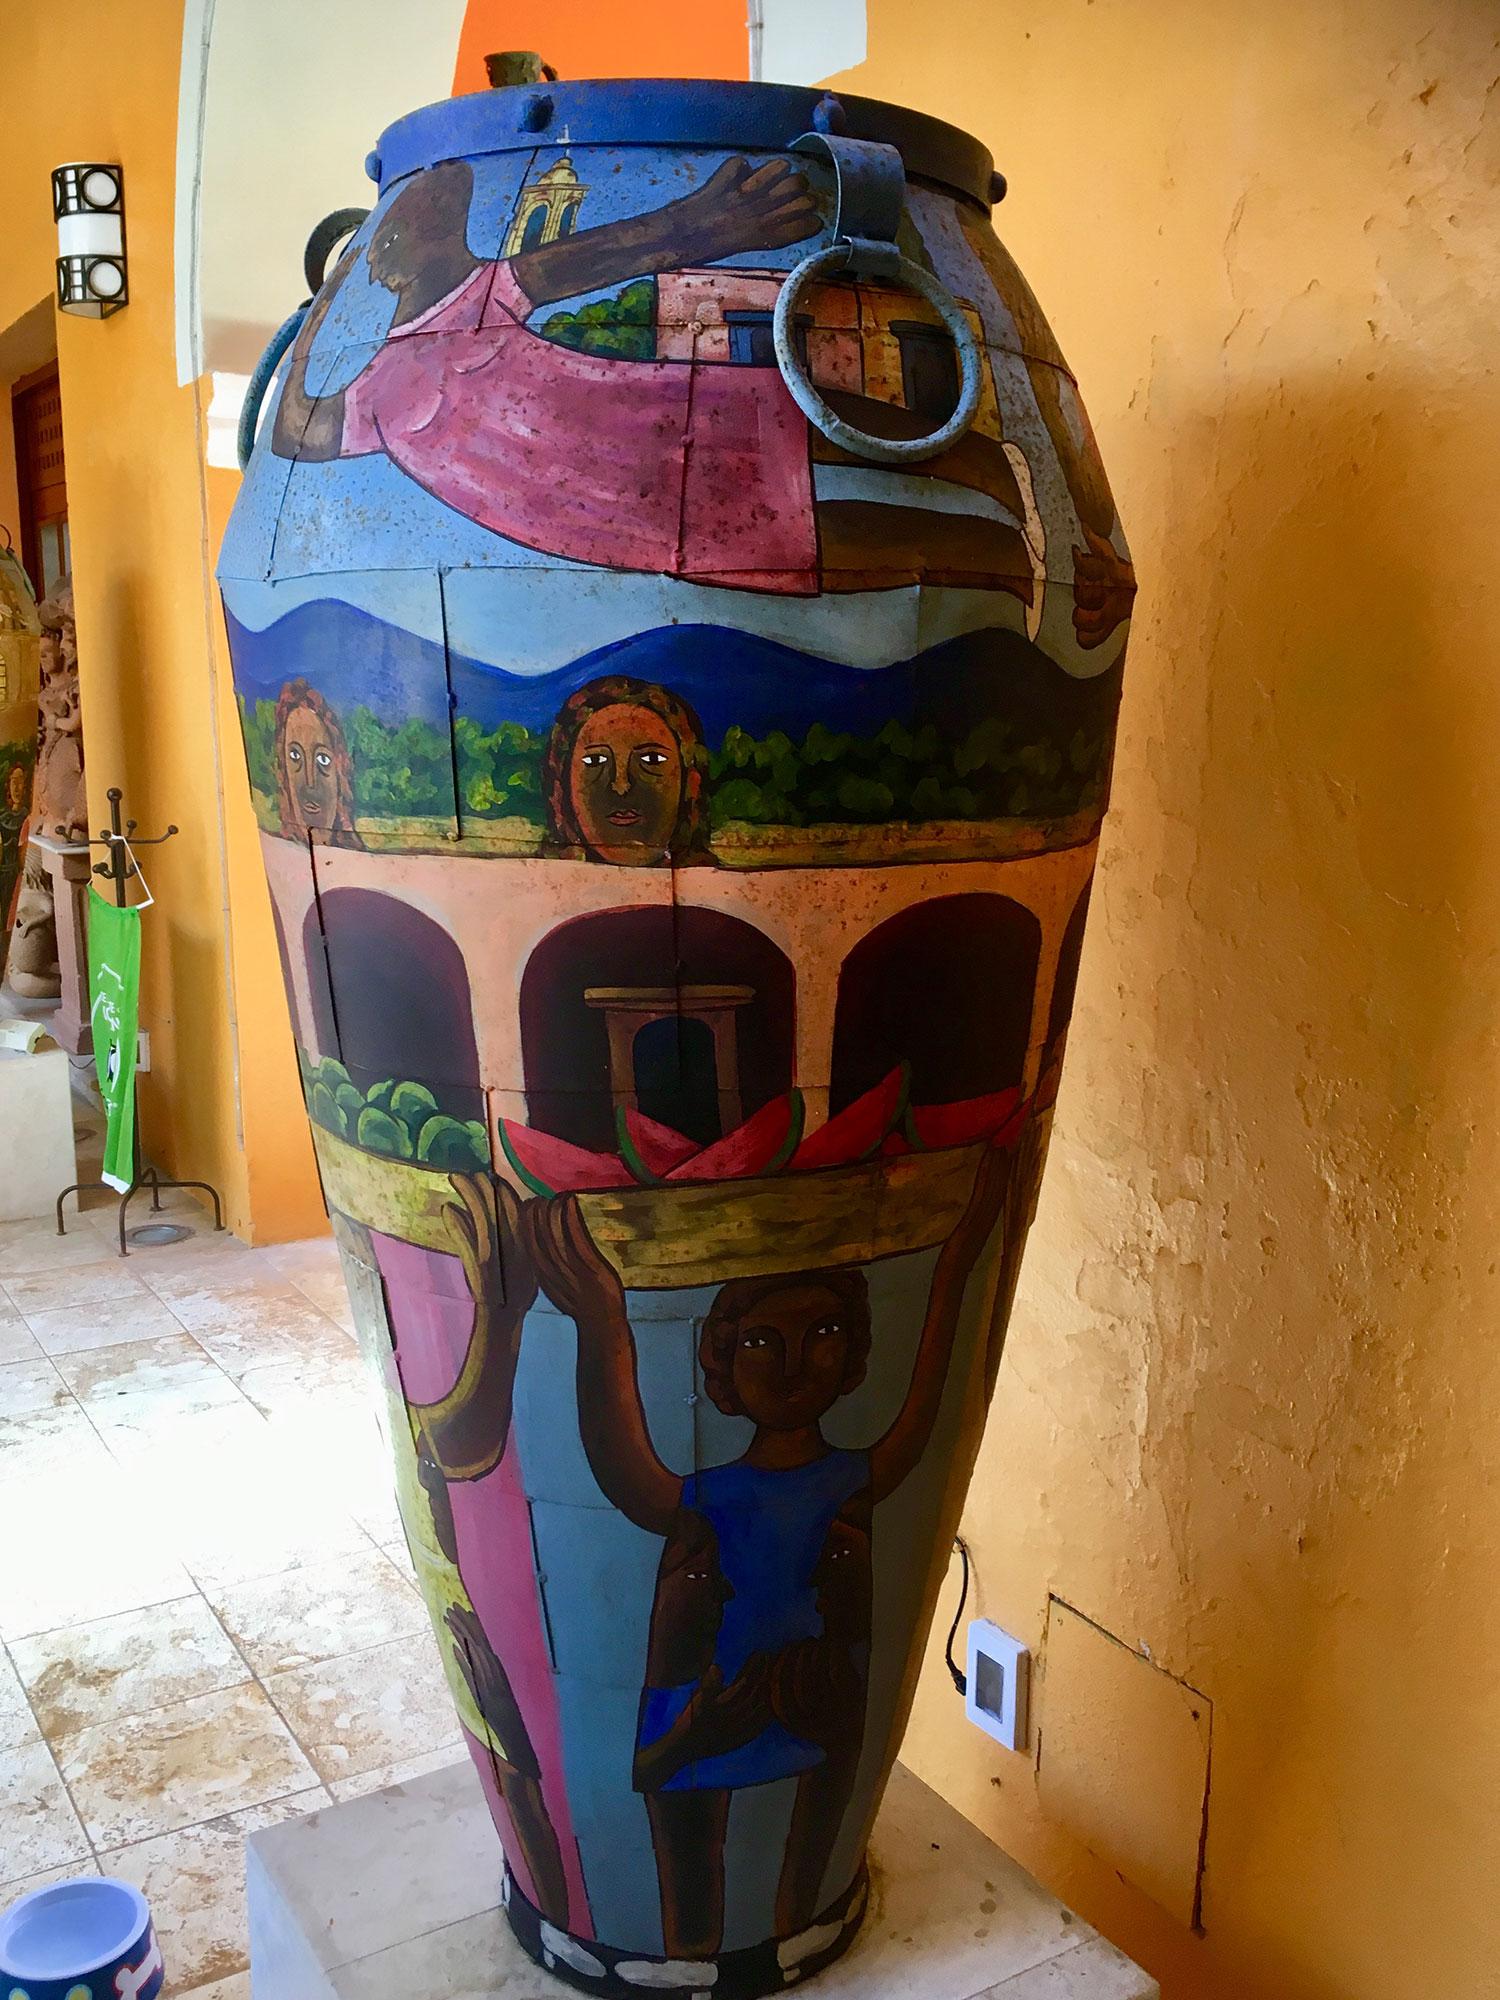 Hammocks_and_Ruins_What_to_Do_Mexico_Mayan_pyramid_museum_Valladolid_Casa_de_los_Venados_30.jpg